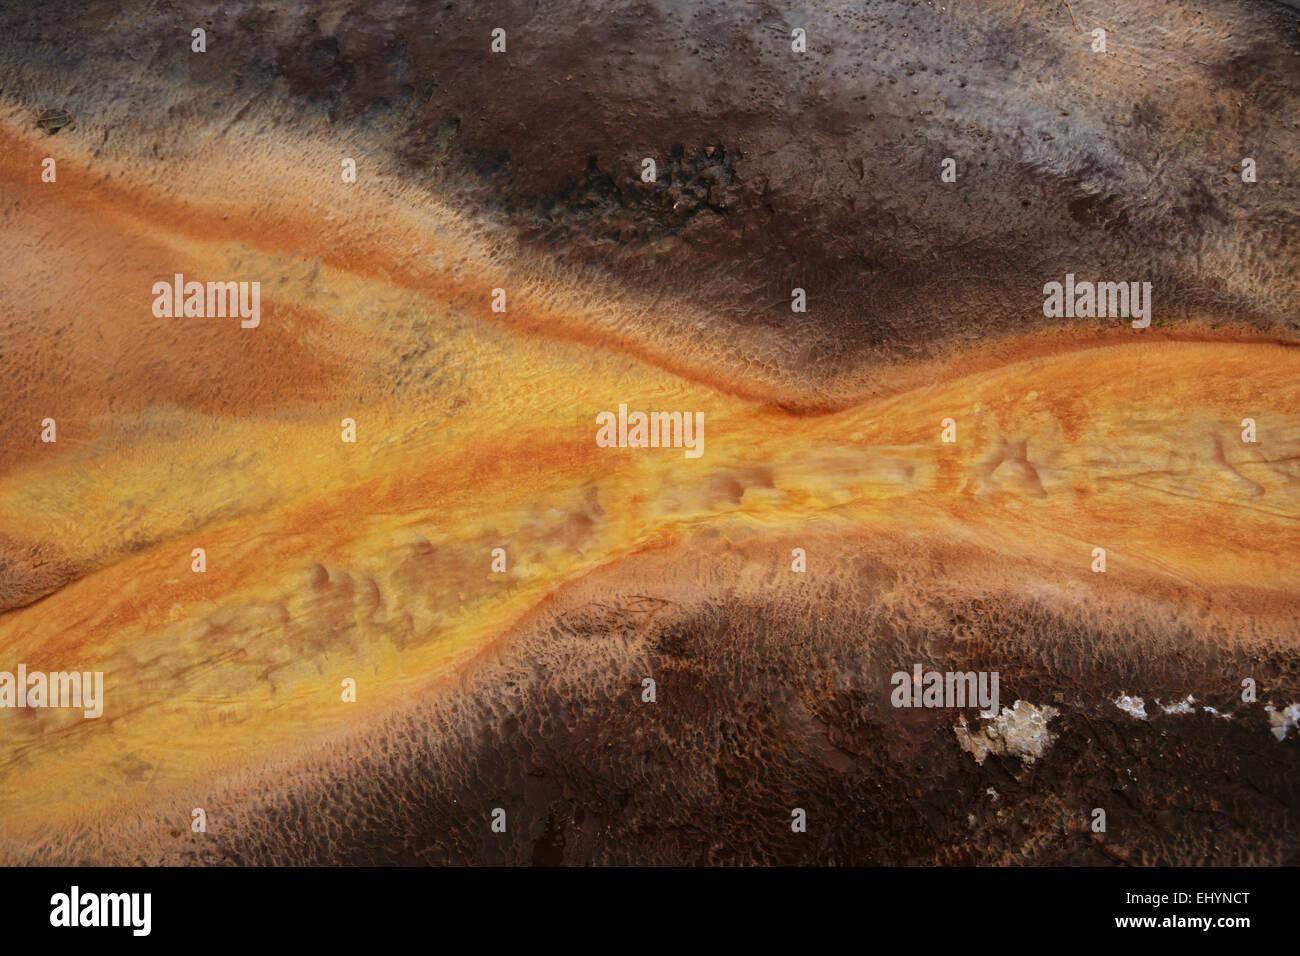 Mat bacteriana, Grand Prismatic Spring, el Parque Nacional Yellowstone, Wyoming, EE.UU. Foto de stock